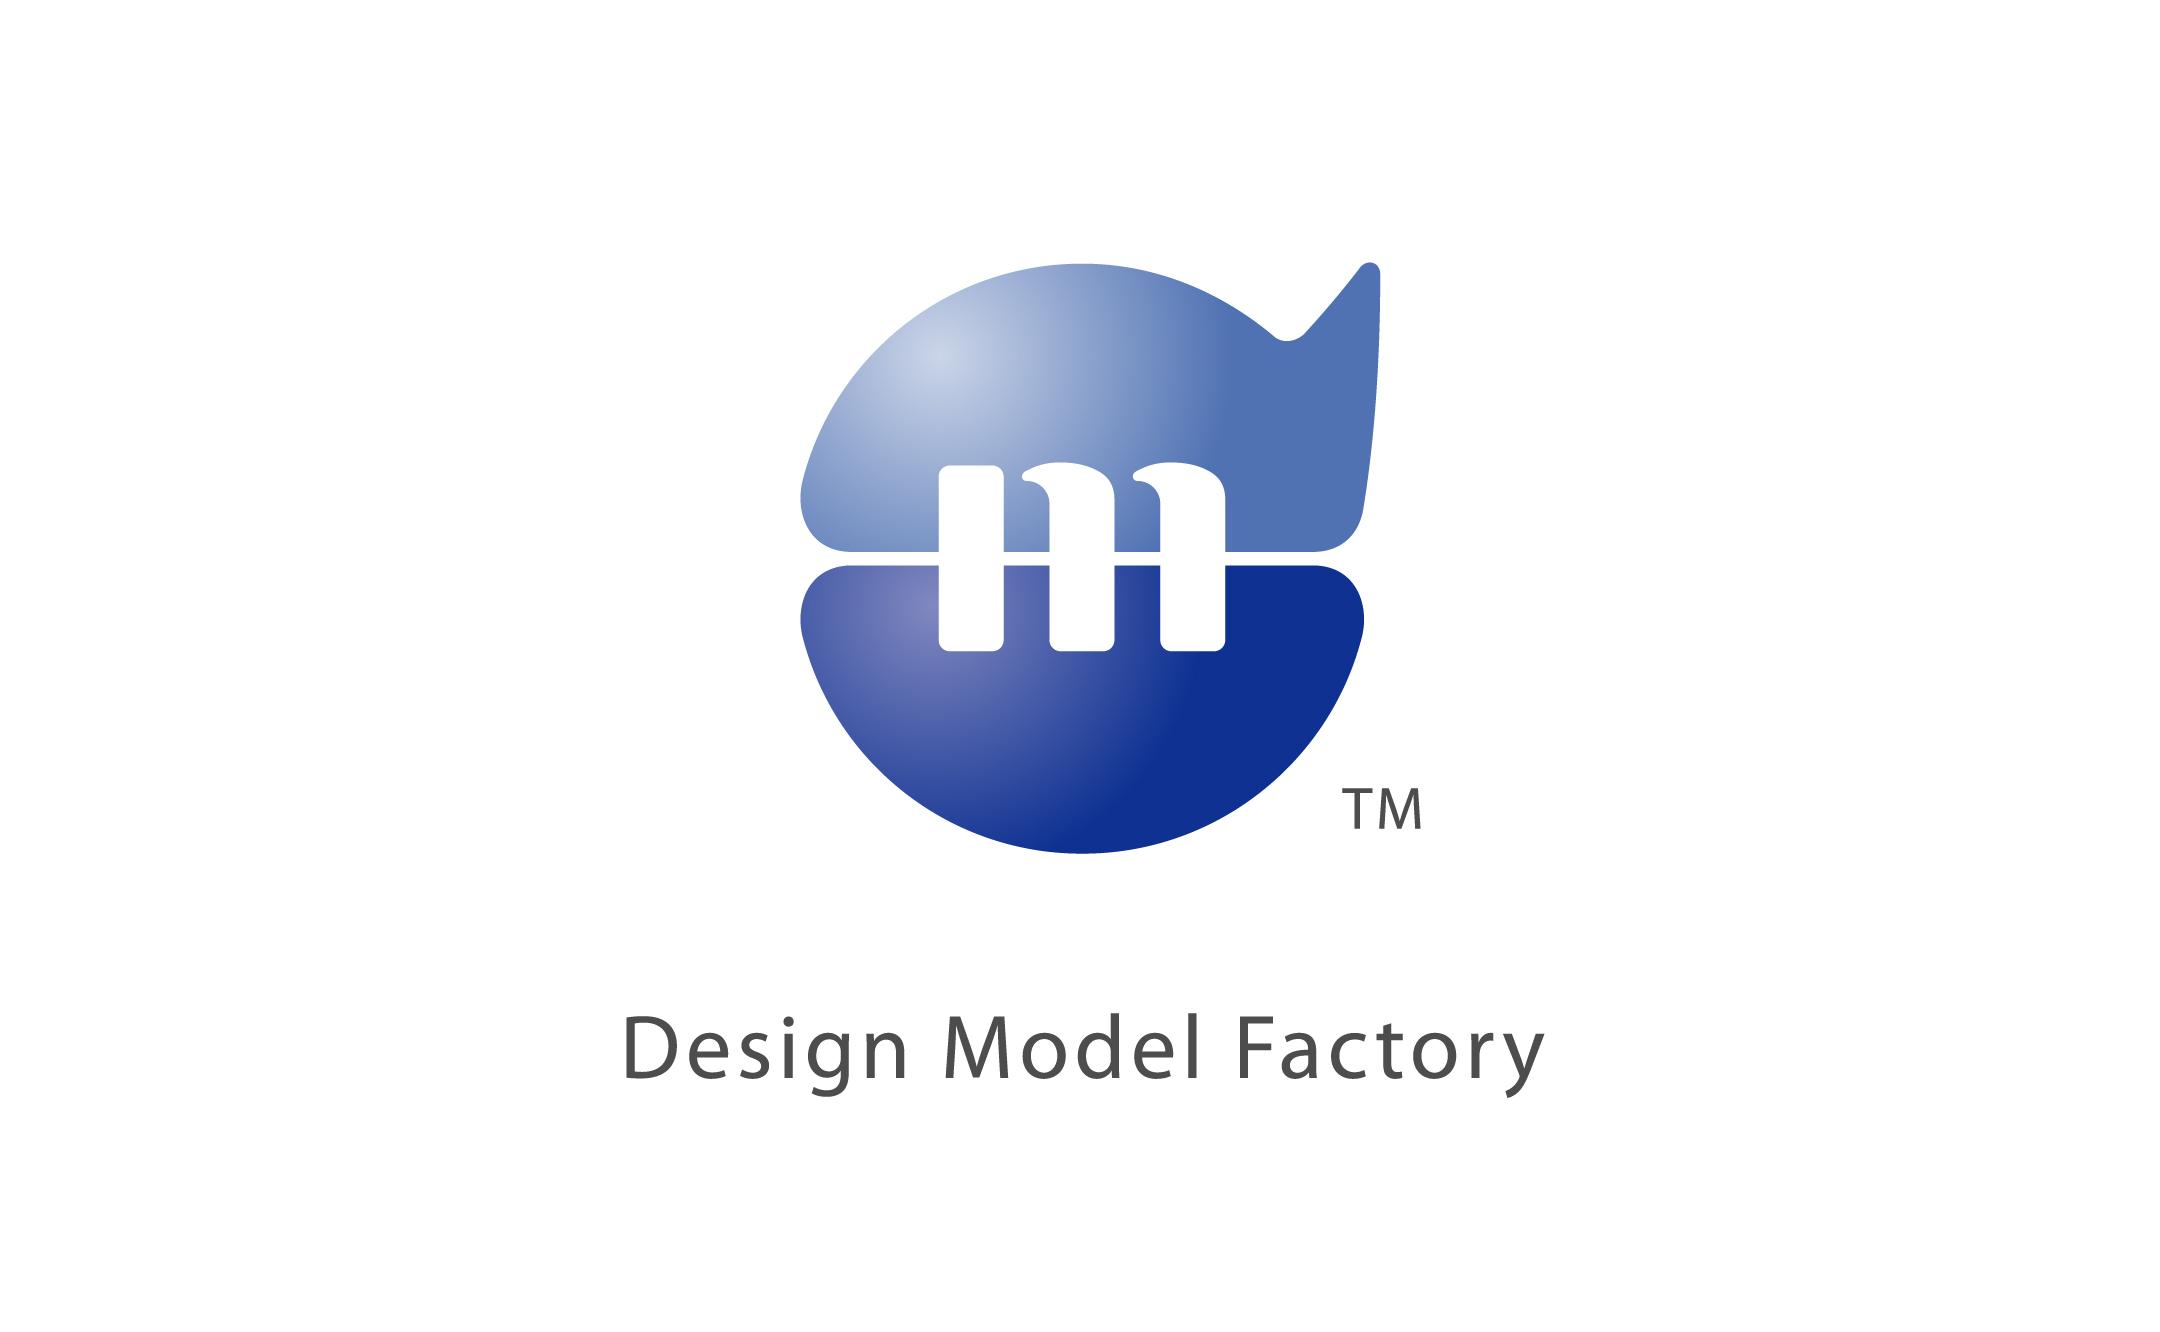 システム開発 デザインモデルファクトリィ ロゴ制作